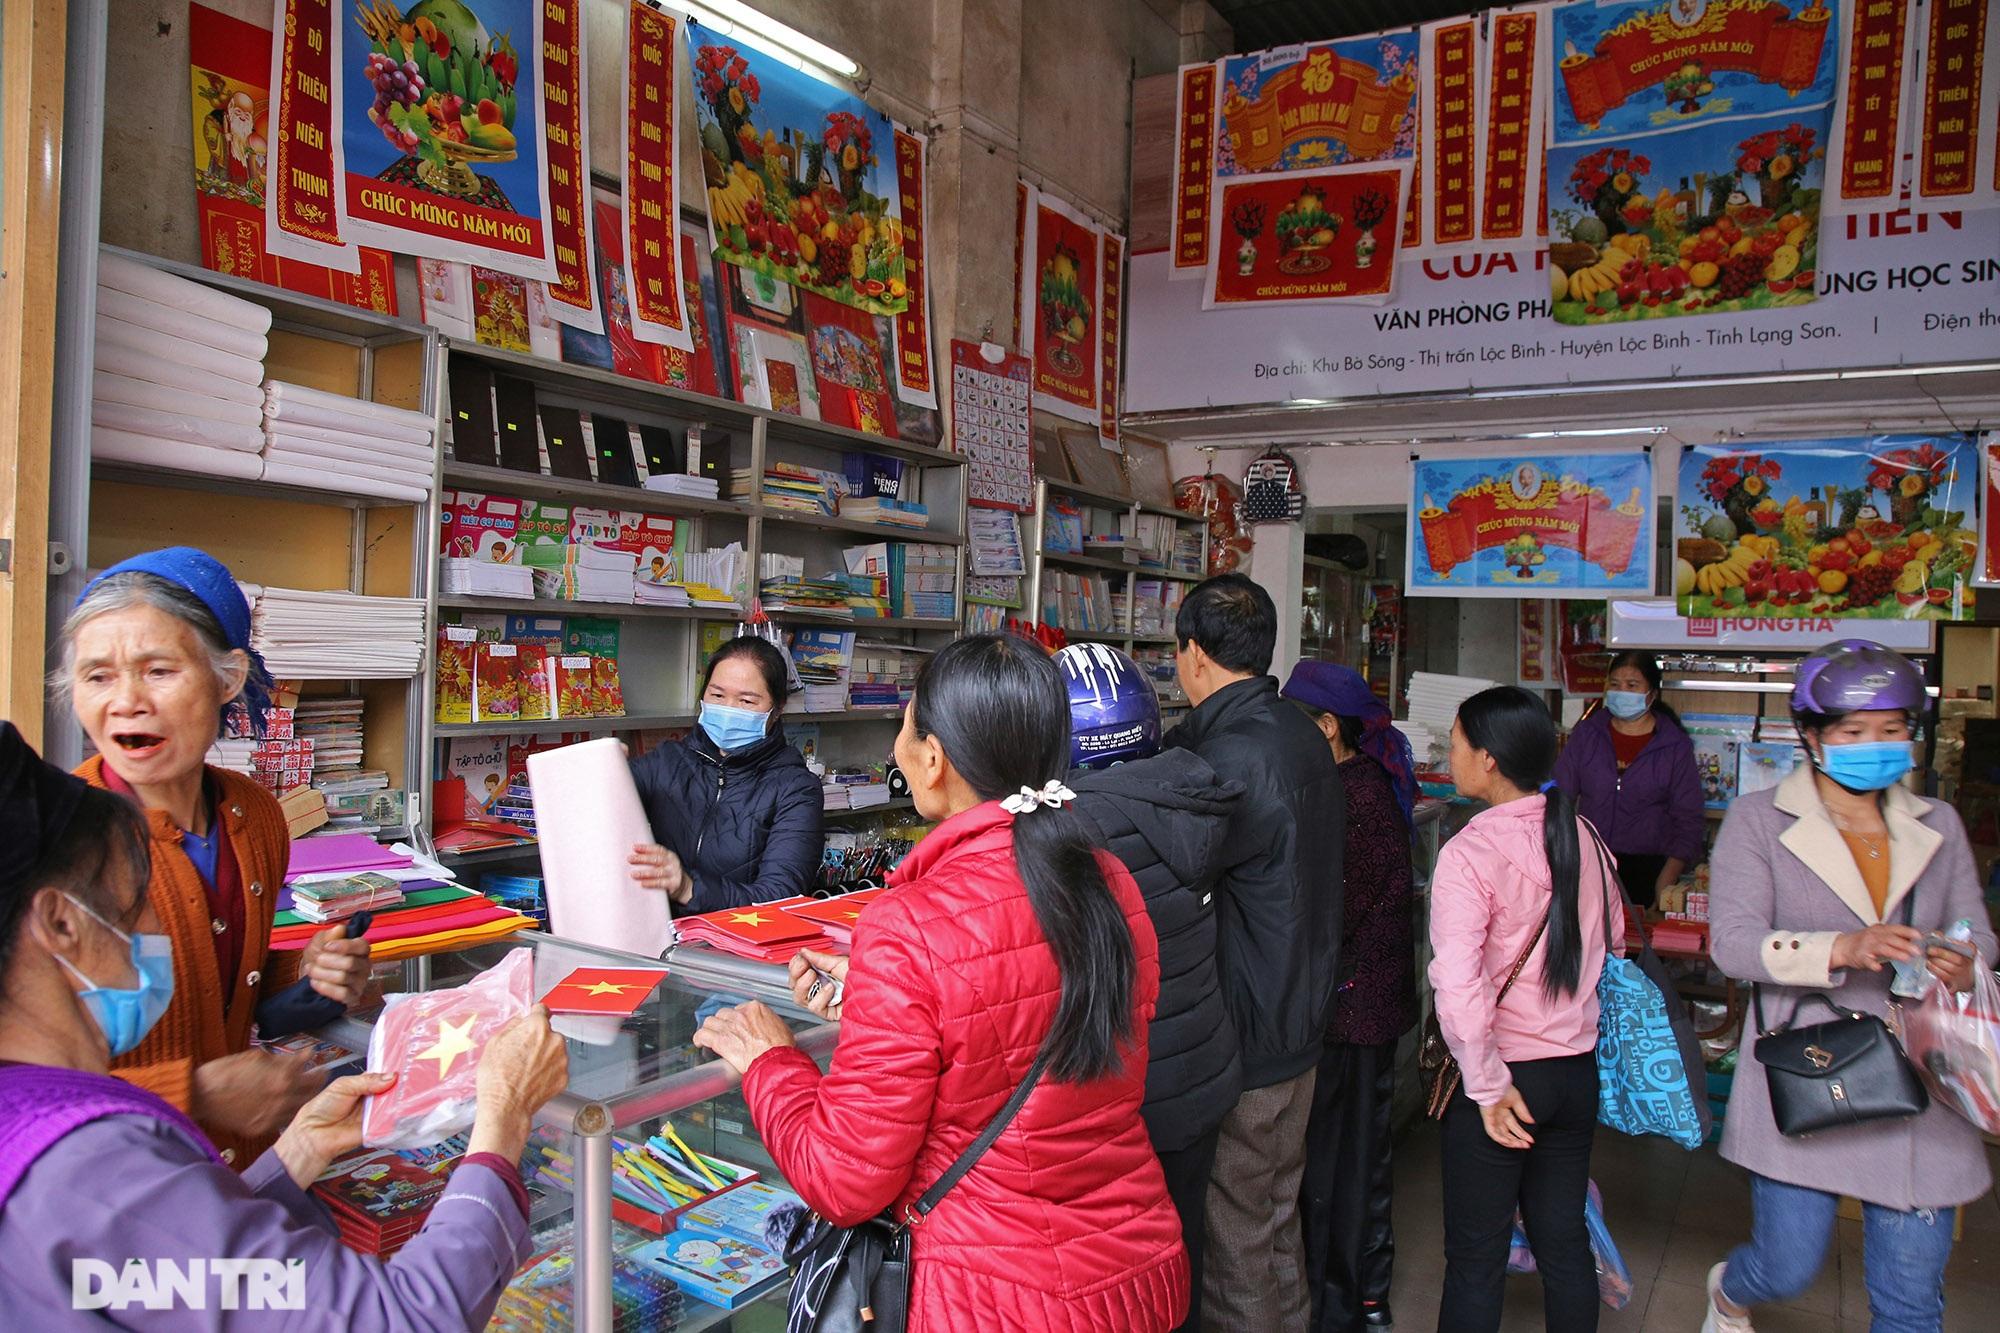 Người dân nhộn nhịp mua cờ tổ quốc về trang trí Tết ở phiên chợ cuối năm - 2